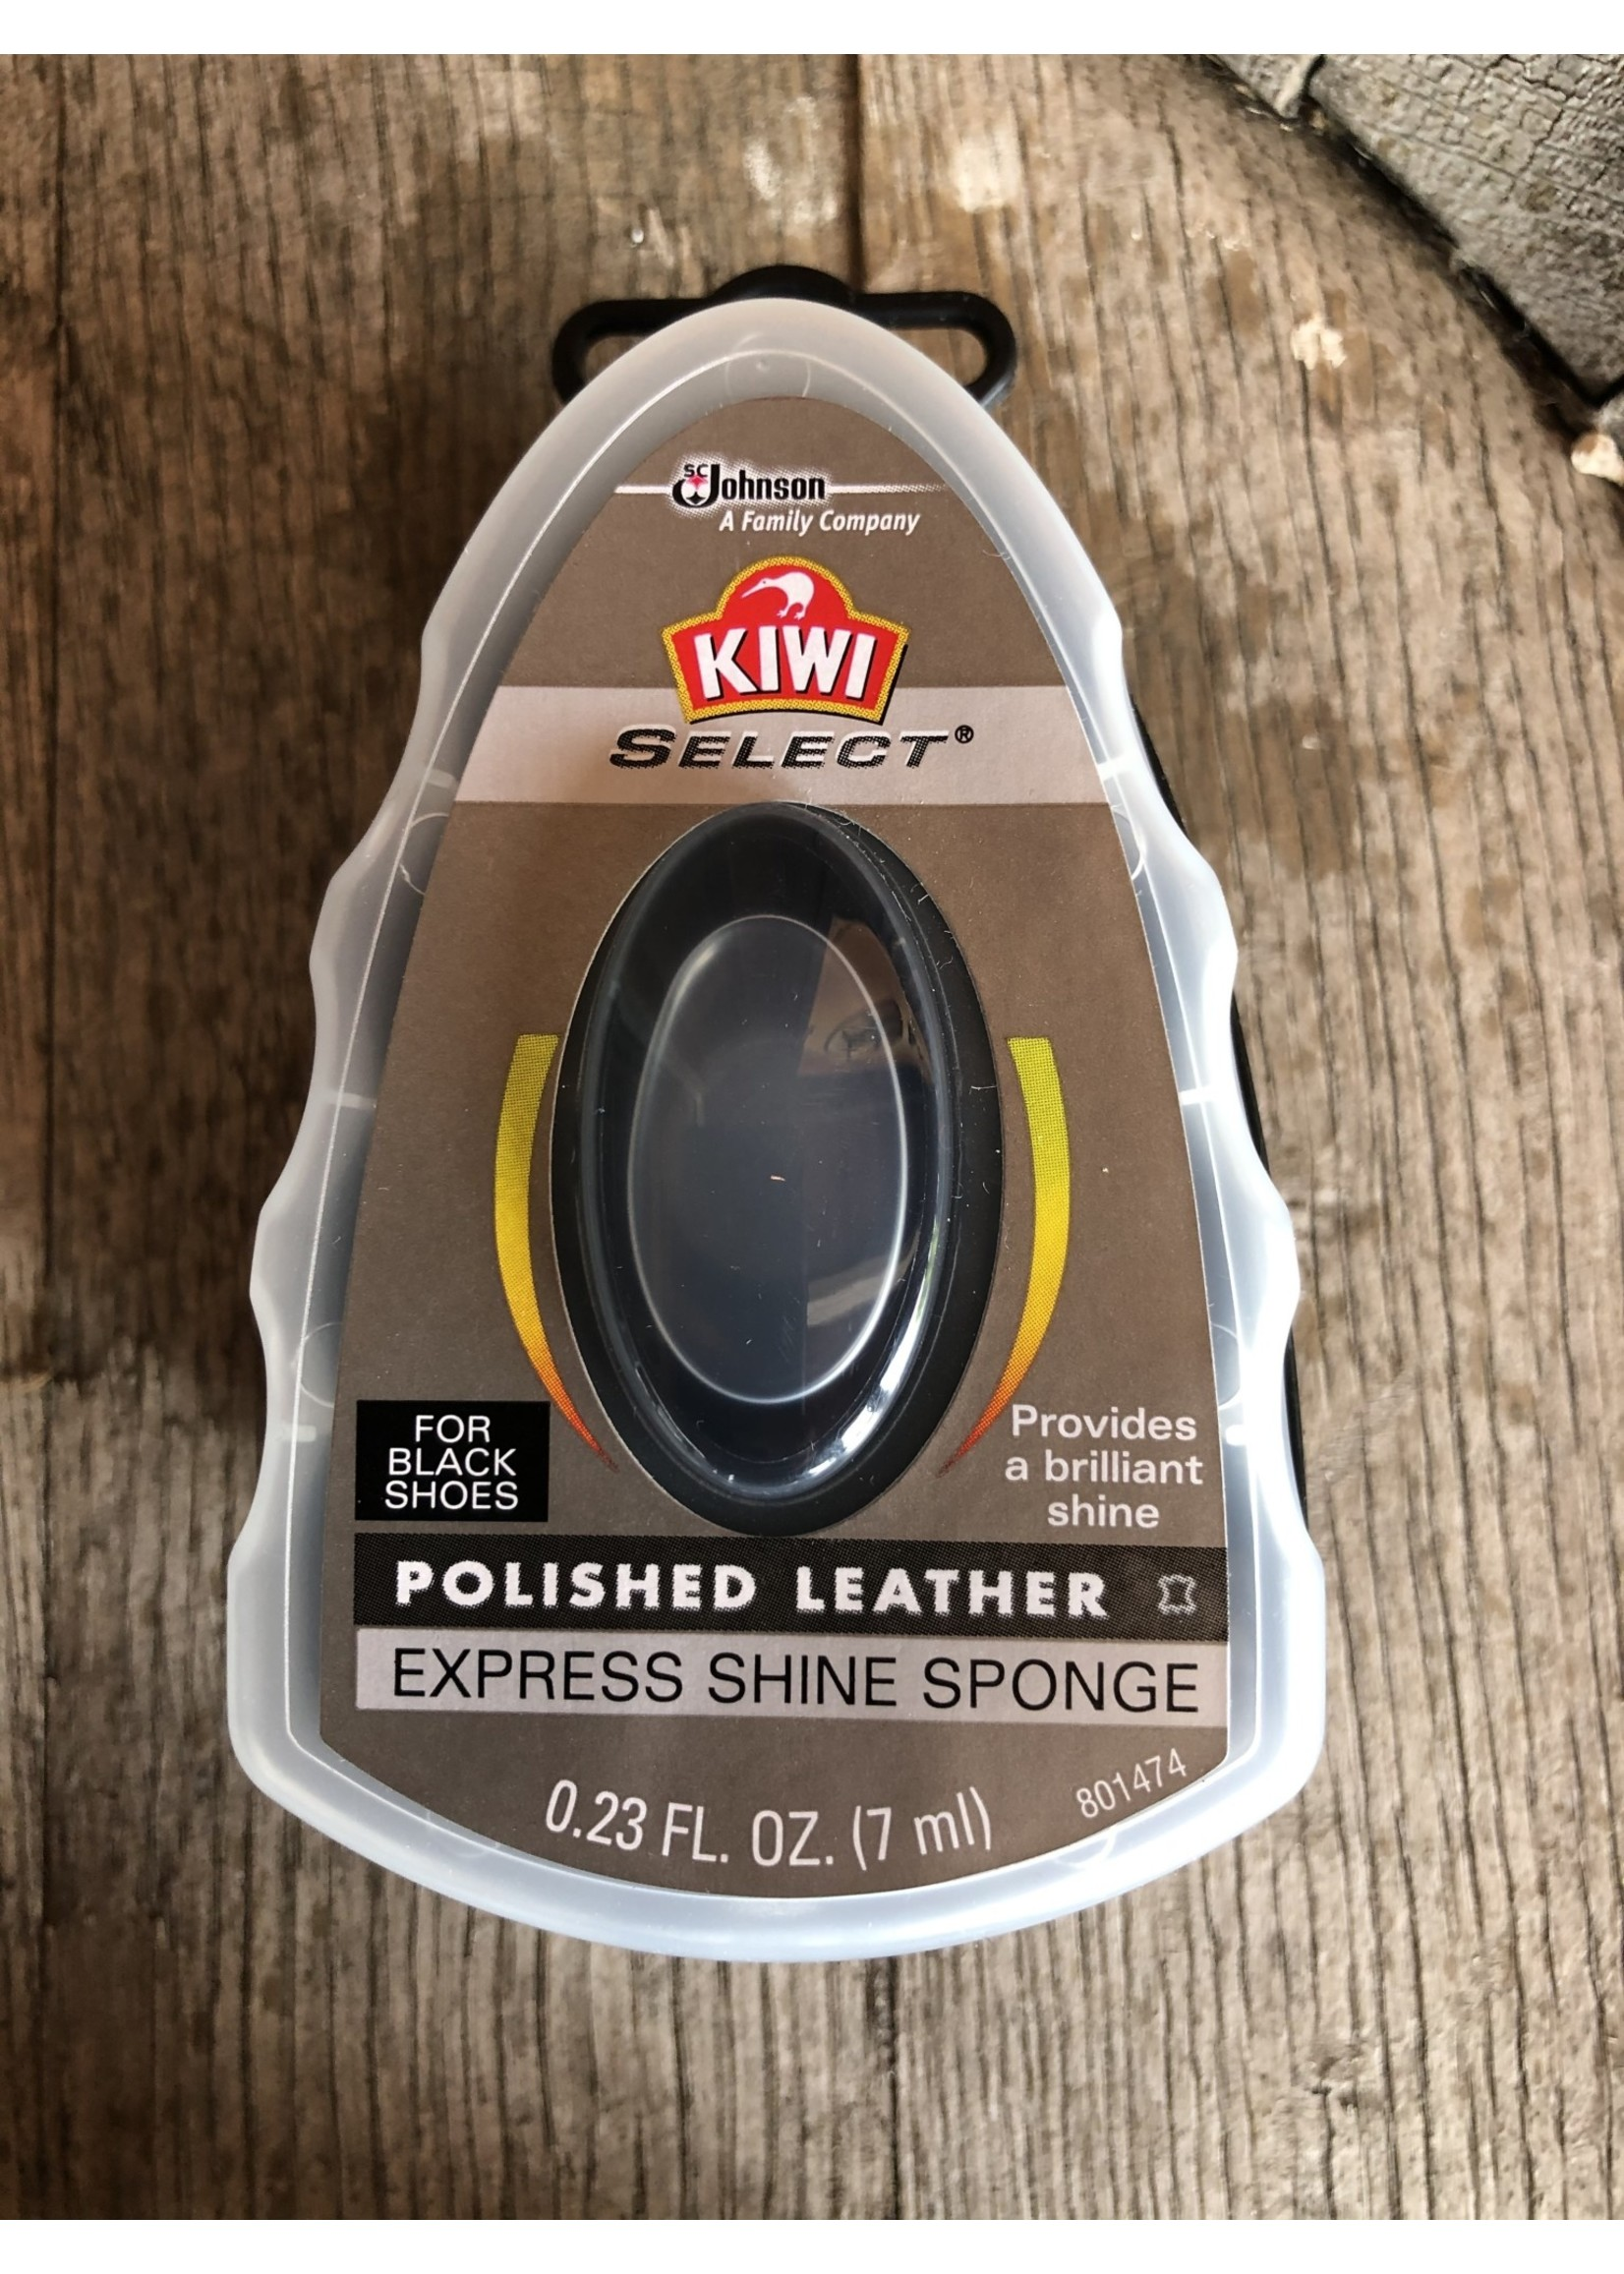 Kiwi Shinesponge